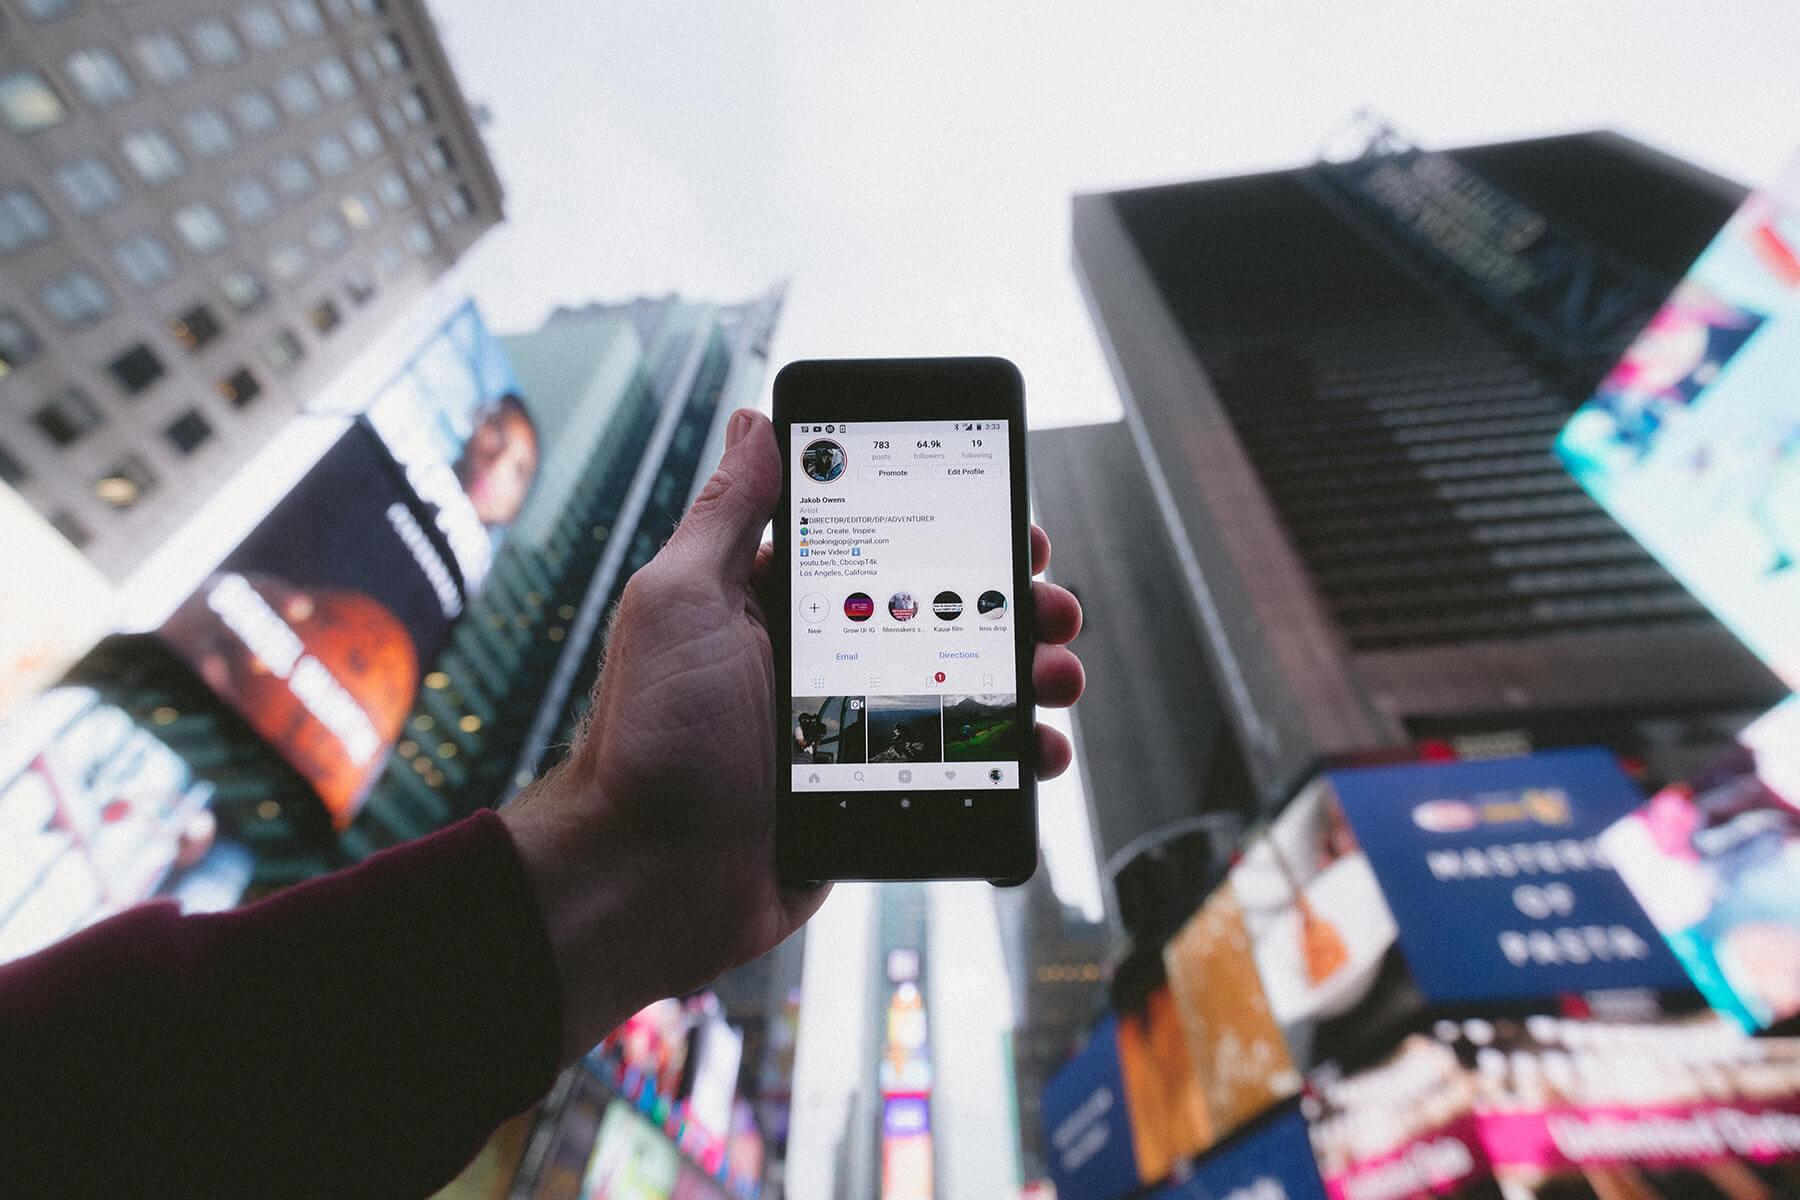 tela de smartphone com cidade ao fundo